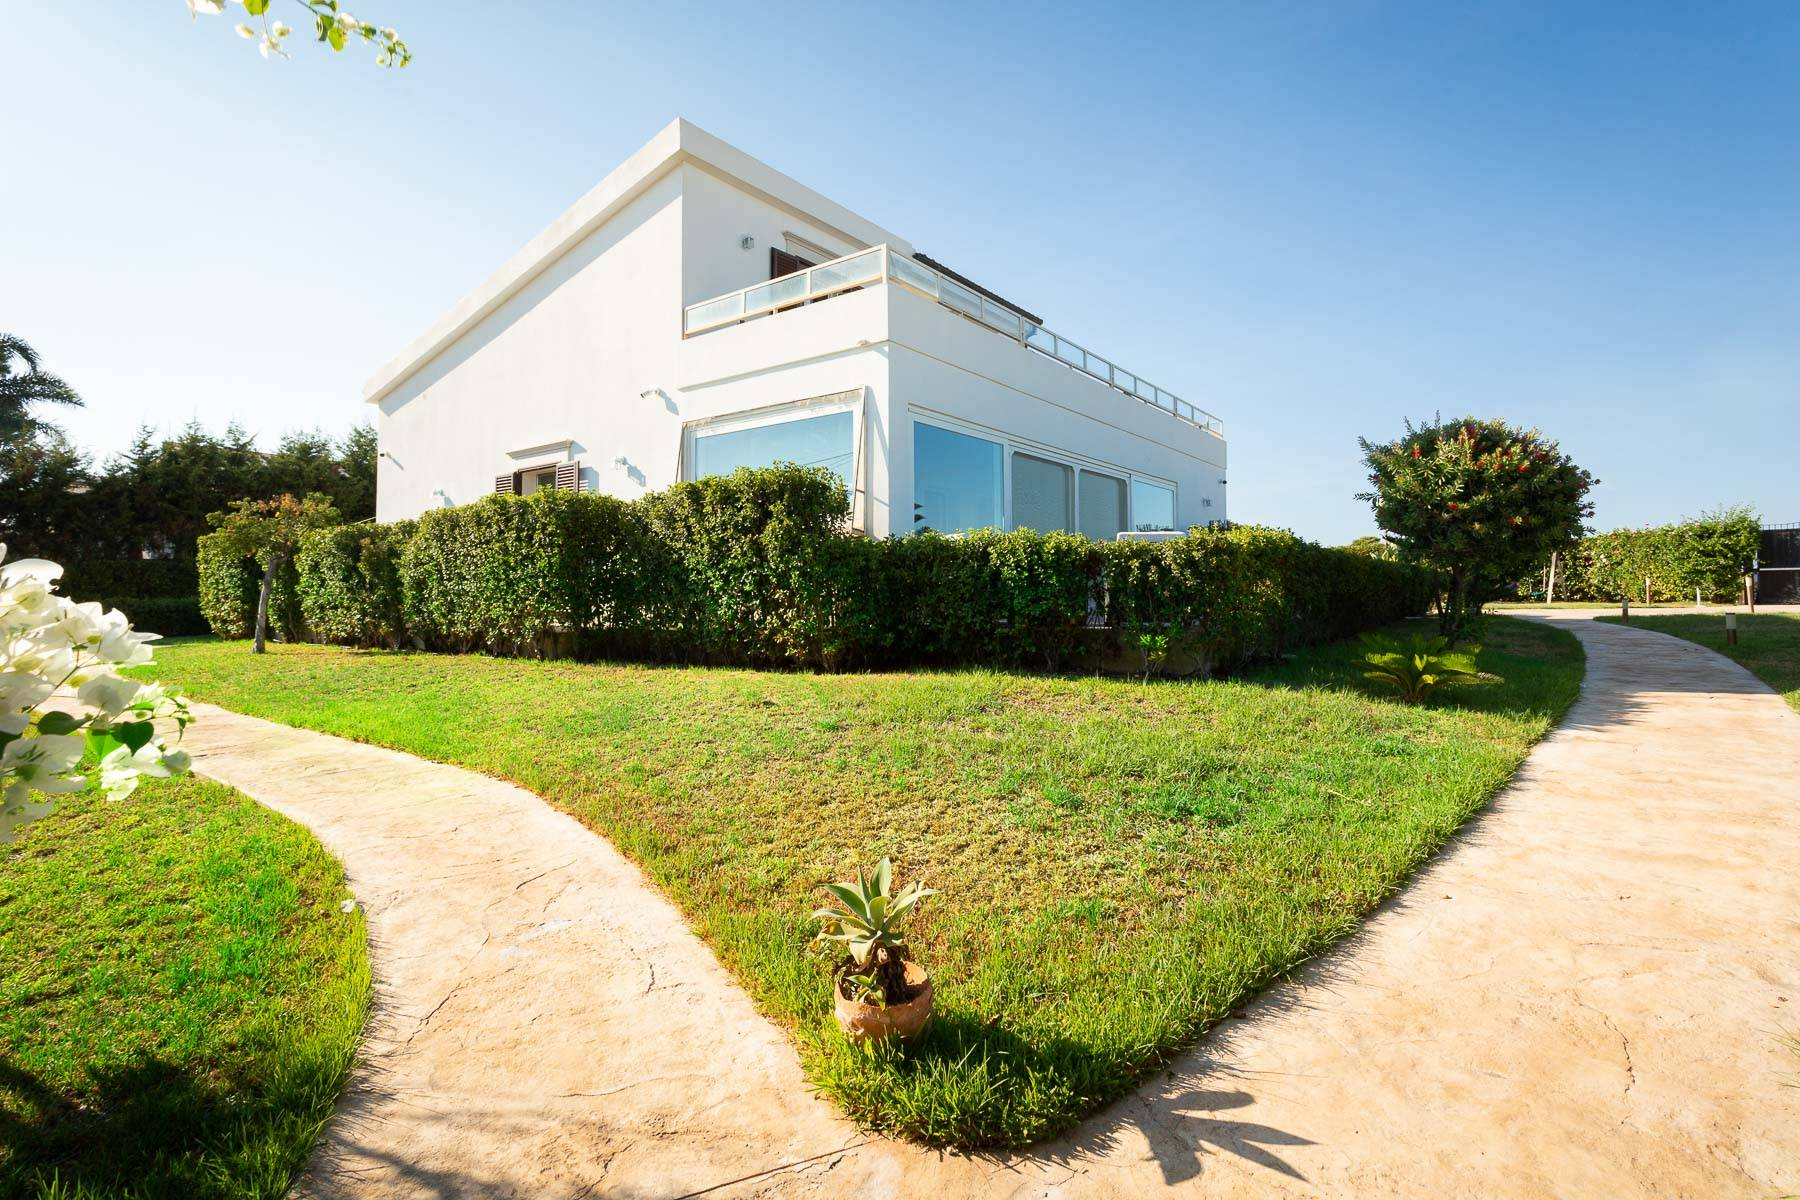 Villa in Vendita a Siracusa: 5 locali, 200 mq - Foto 2